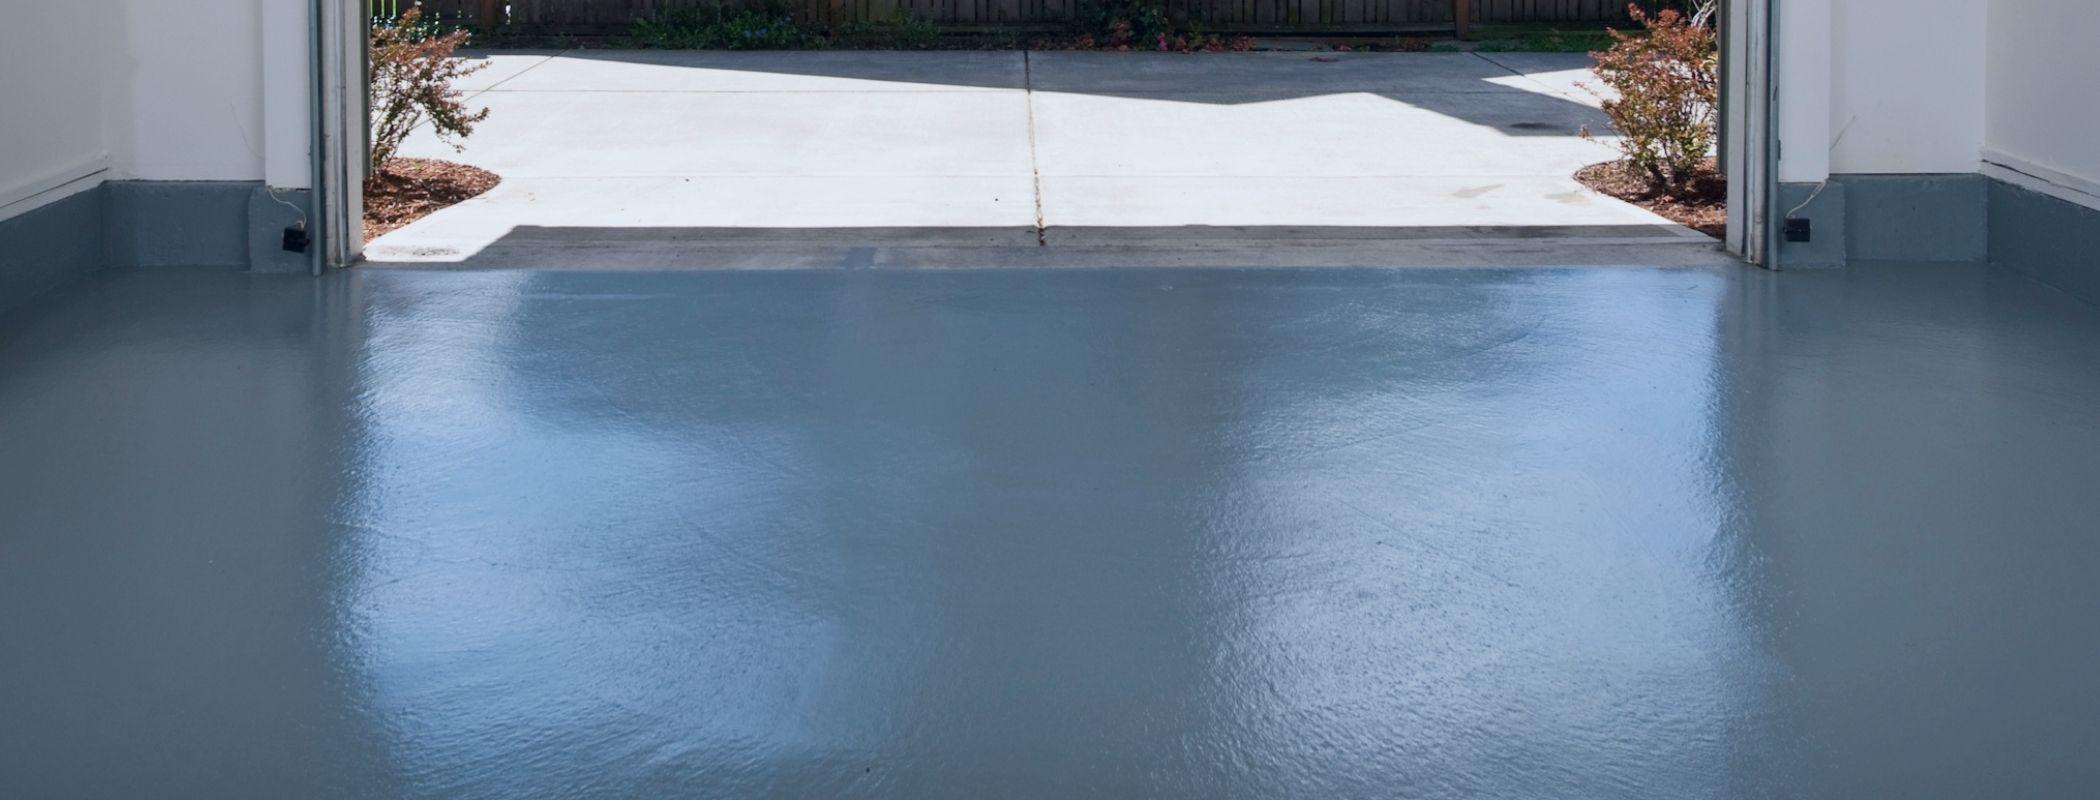 garage floor cleanin gwith pressure washer